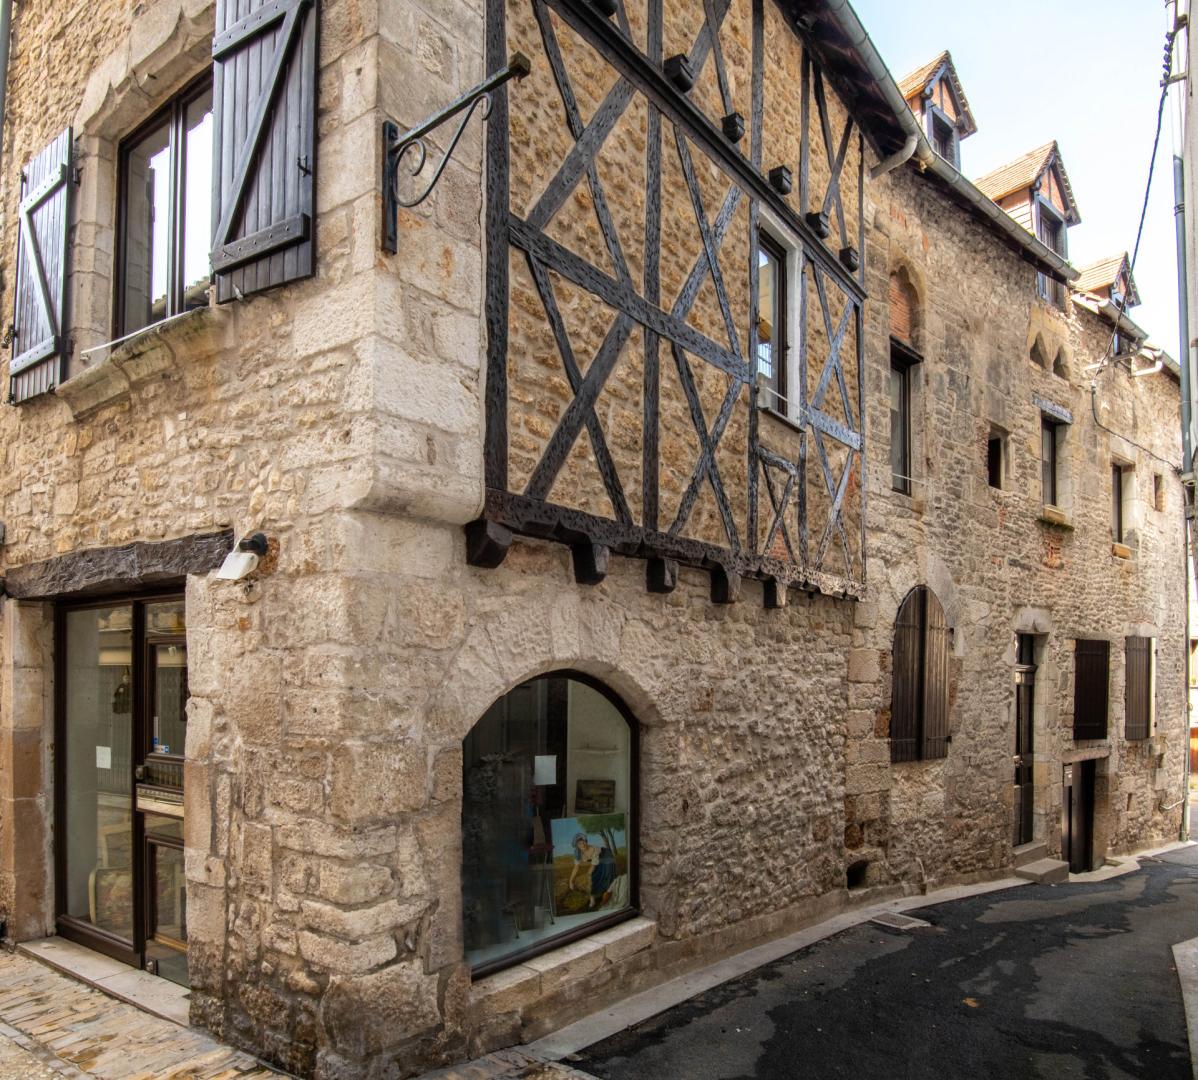 Centre Ville, maison en pierre et colombages du 13ème siècle avec toit terrasse.